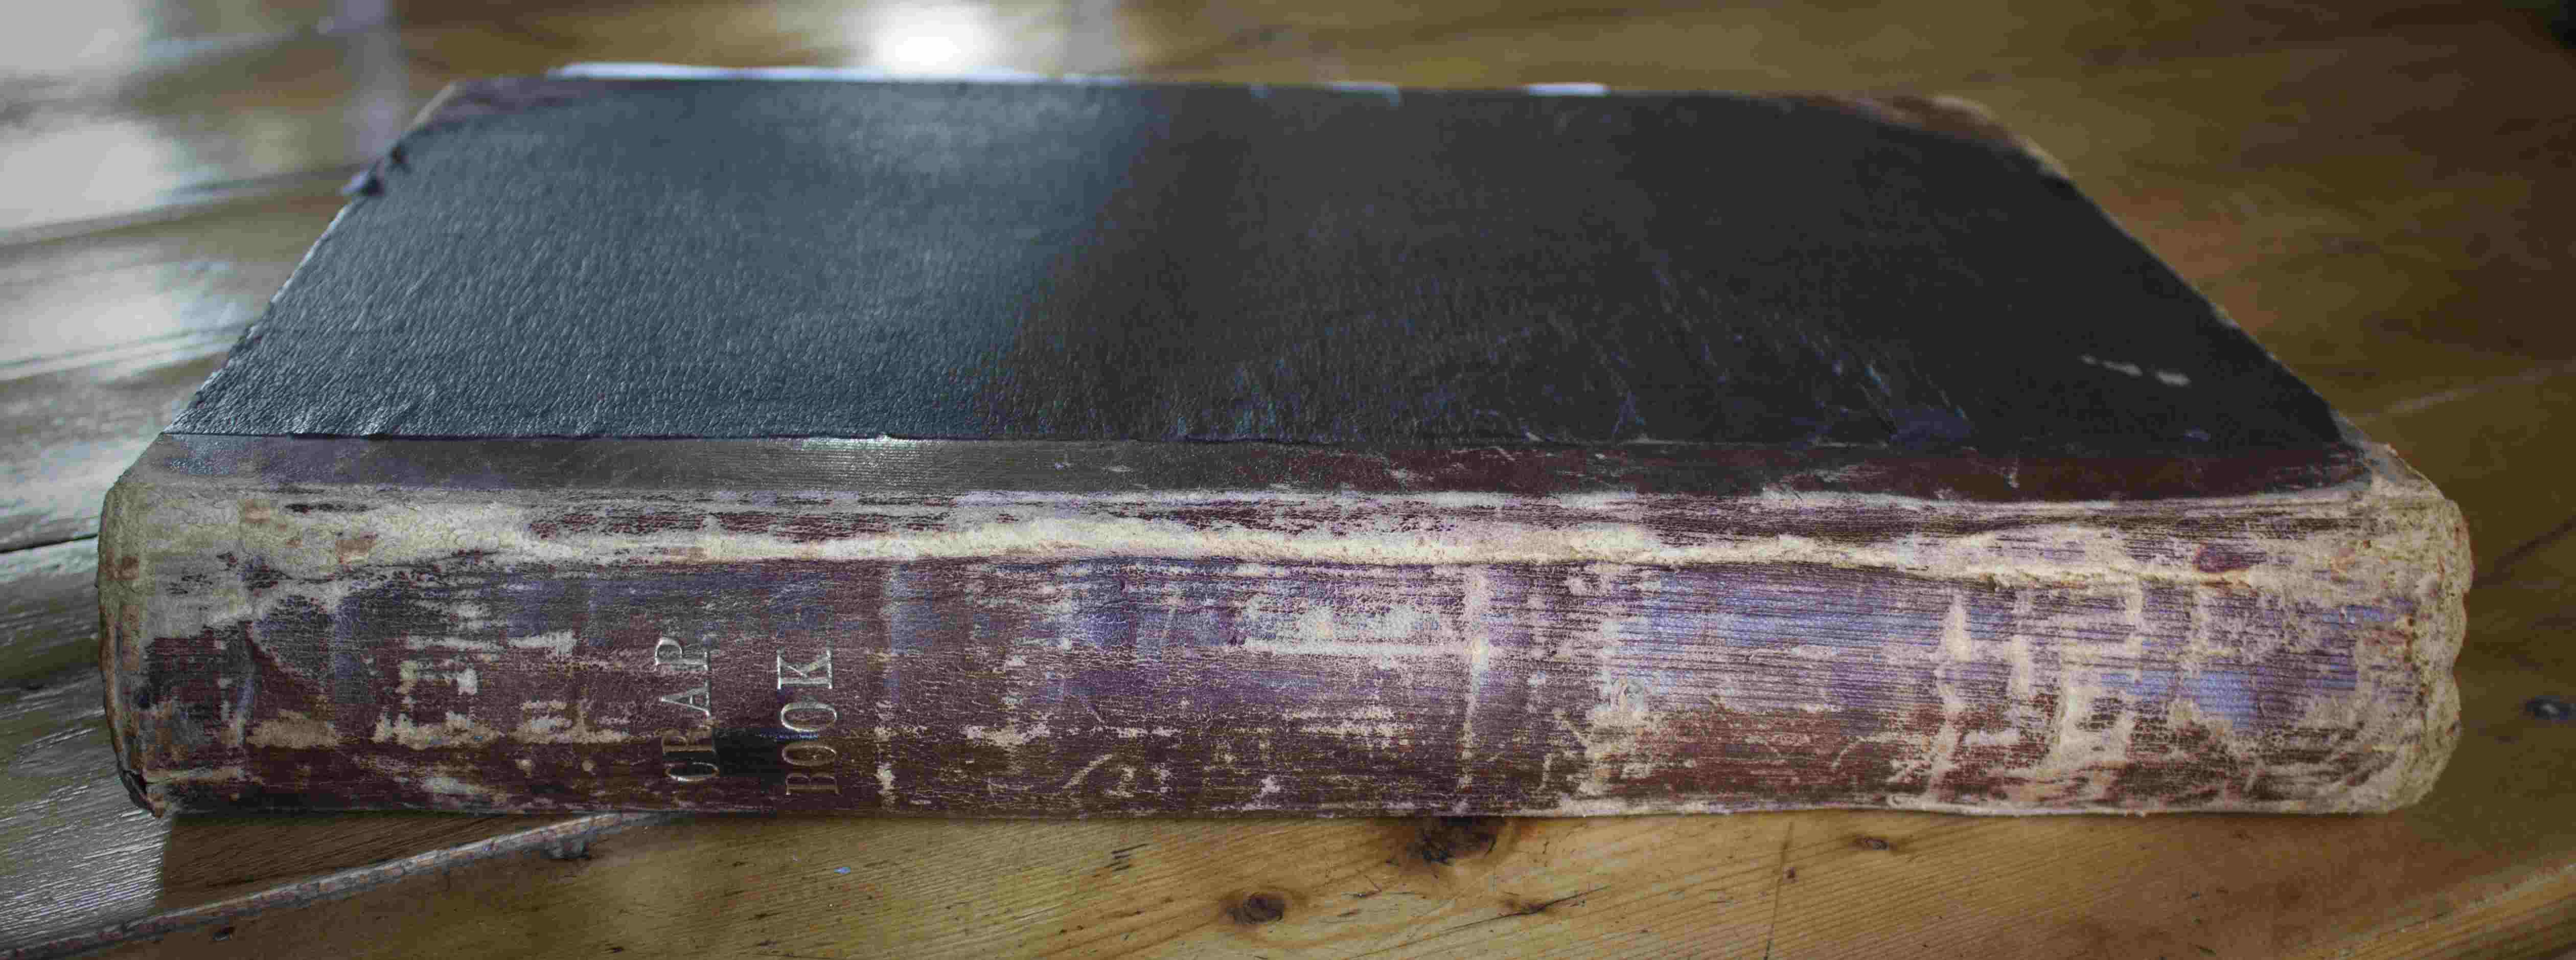 Photographie de la tranche d'un livre ancien.